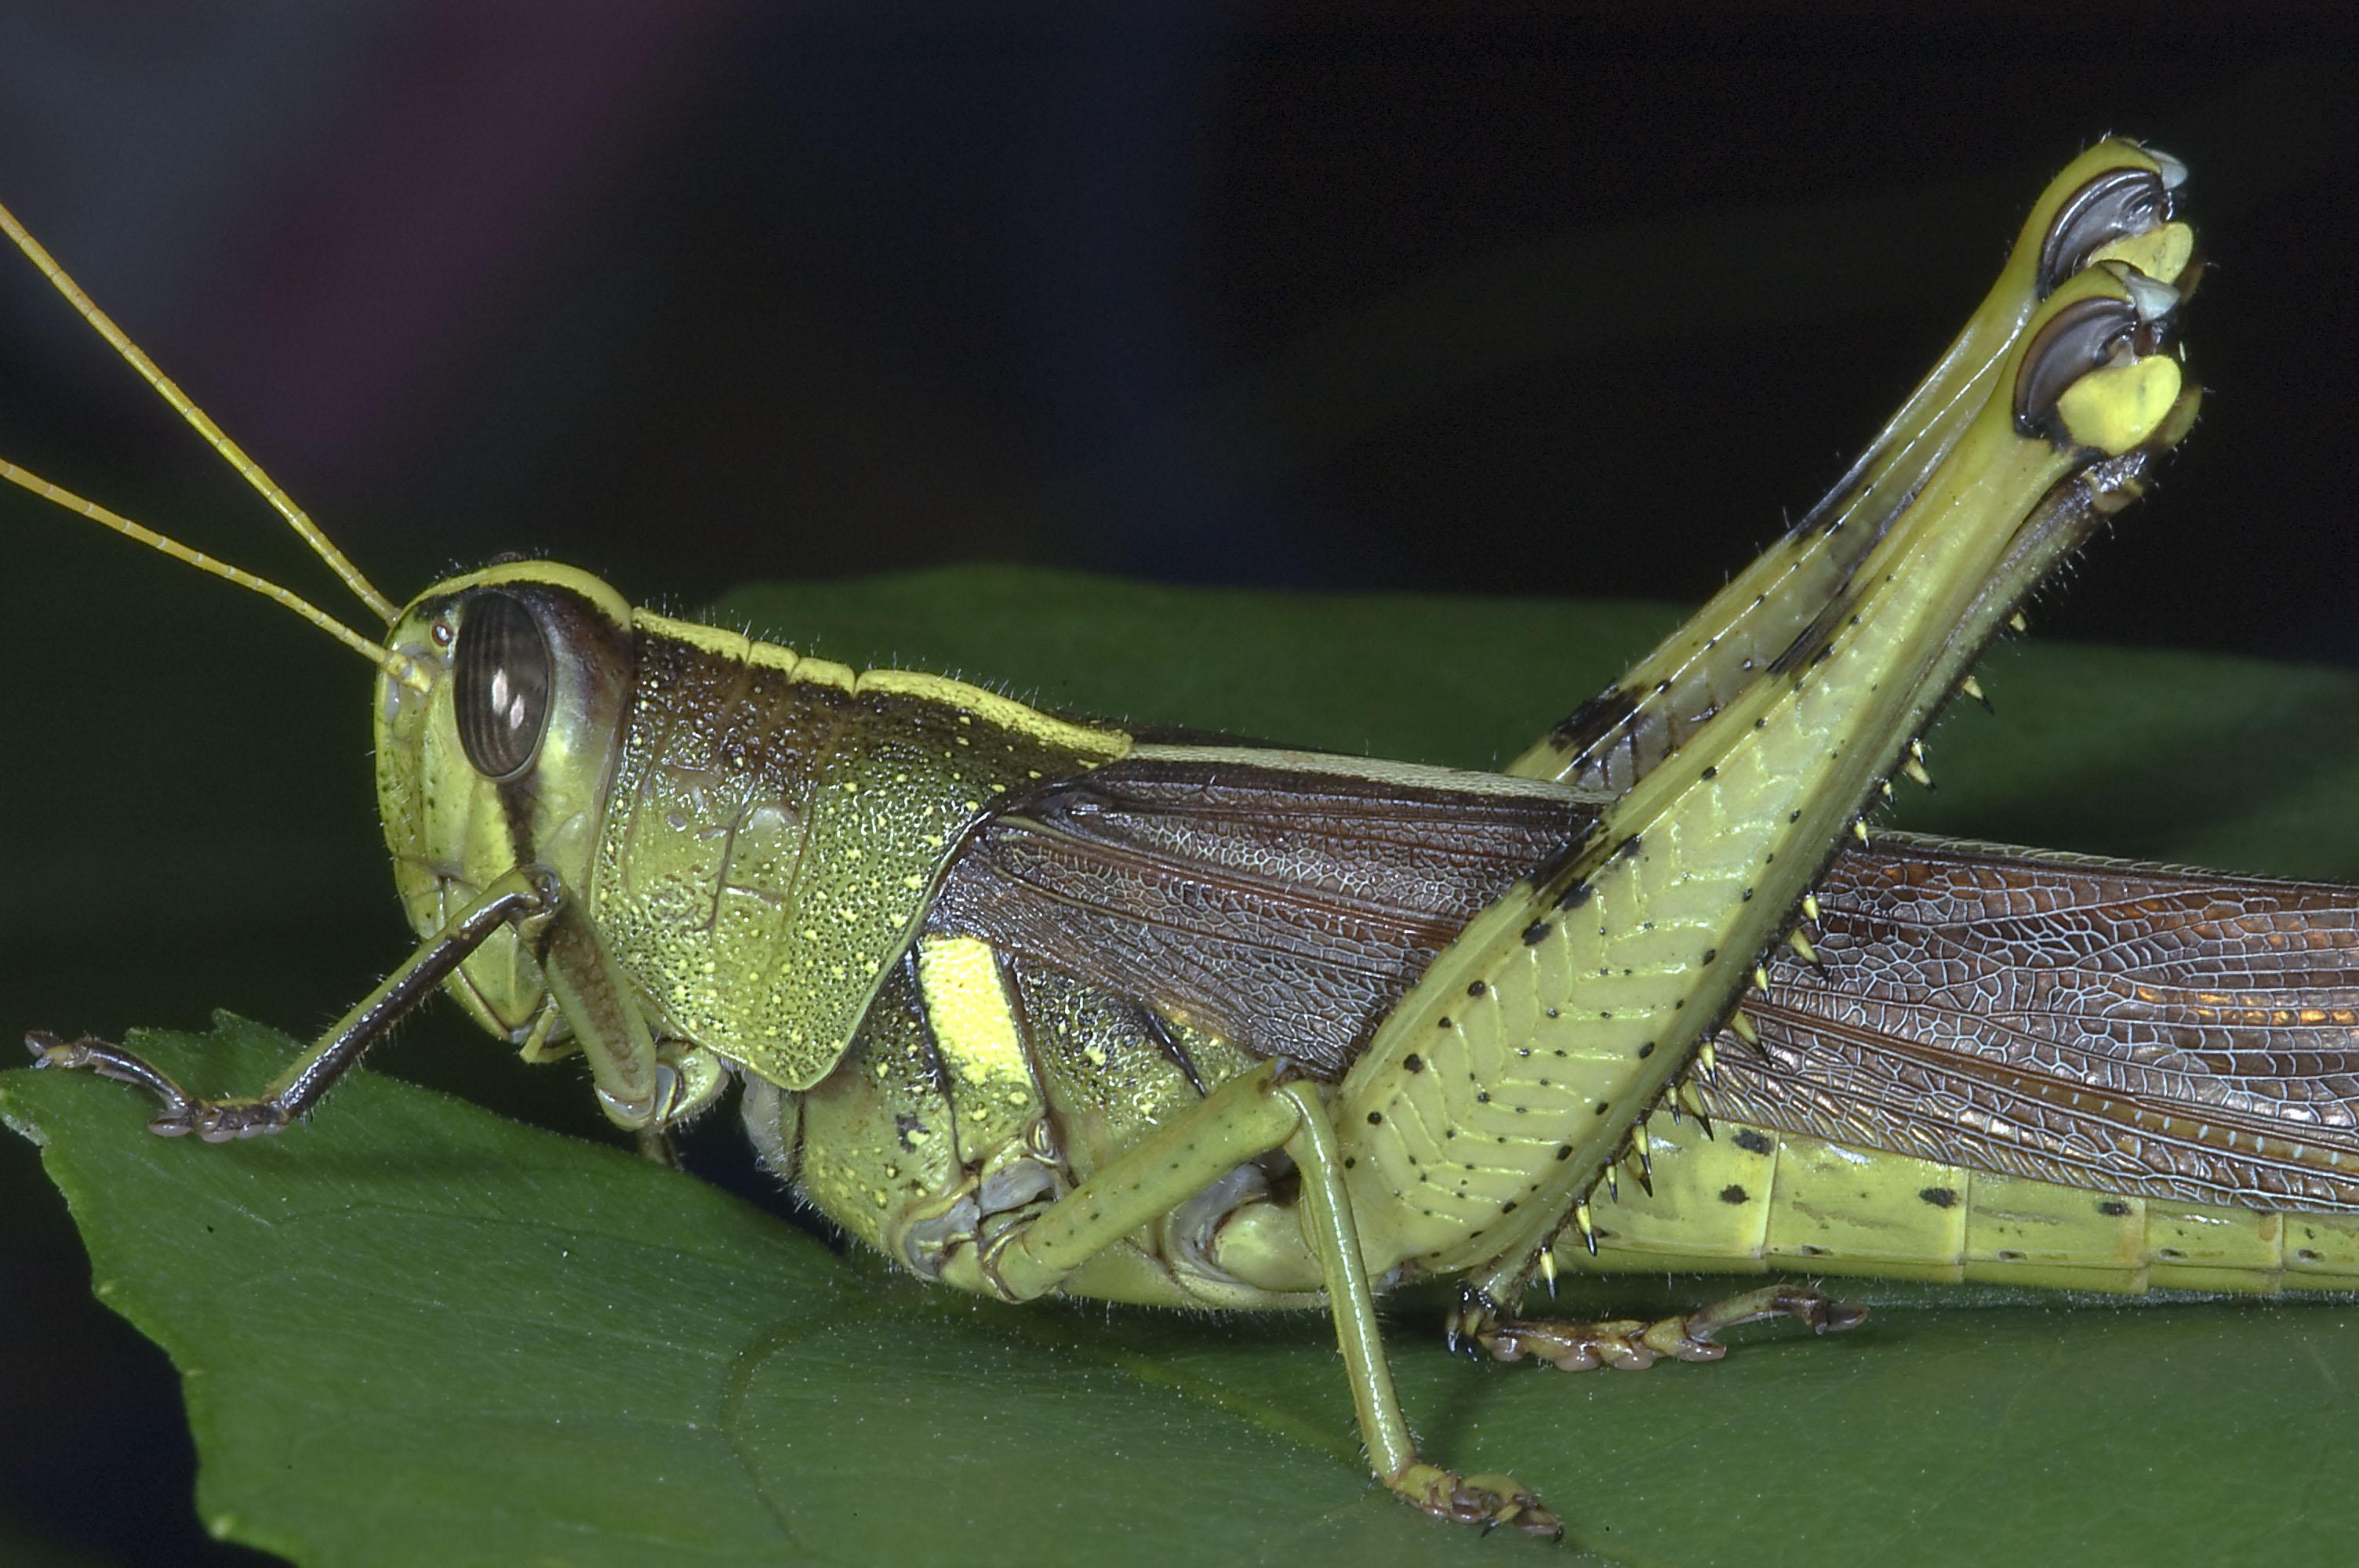 Photo 792-22: Green grasshopper in Antique Rose Emporium ...